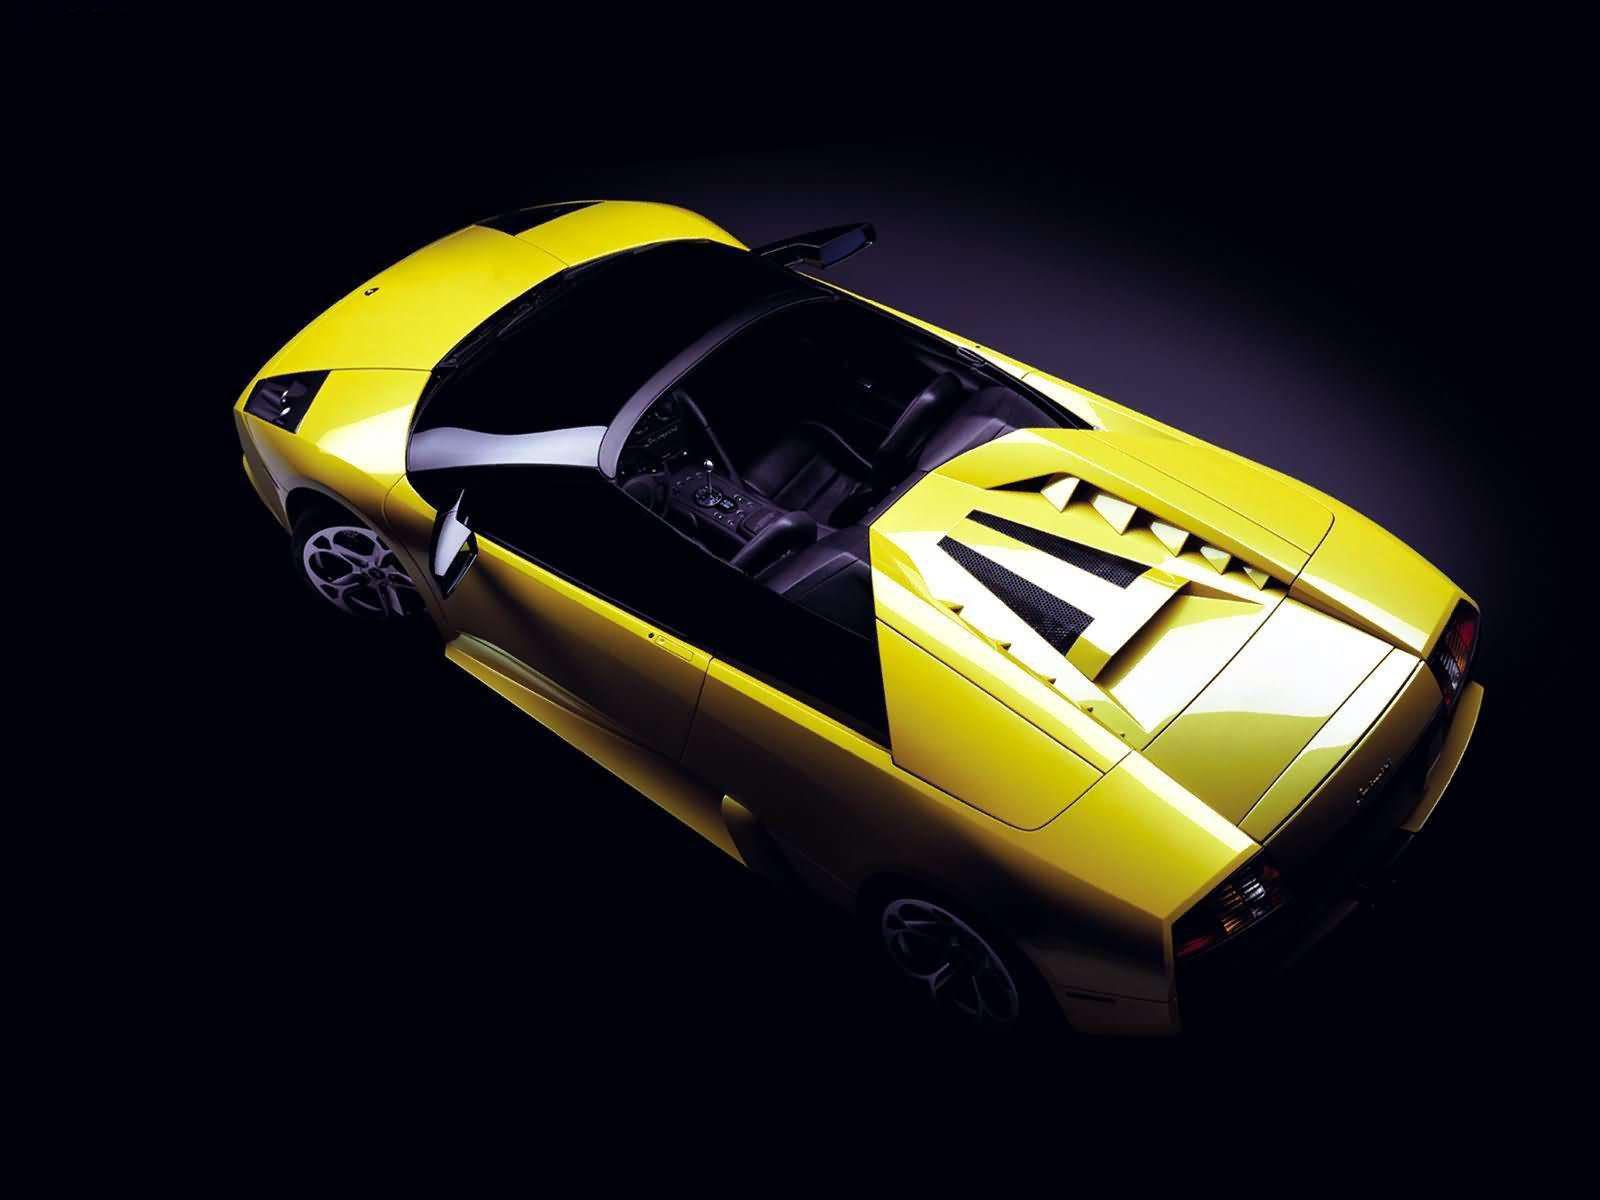 2002 lamborghini murcielago barchetta concept car insurance pictures. Black Bedroom Furniture Sets. Home Design Ideas